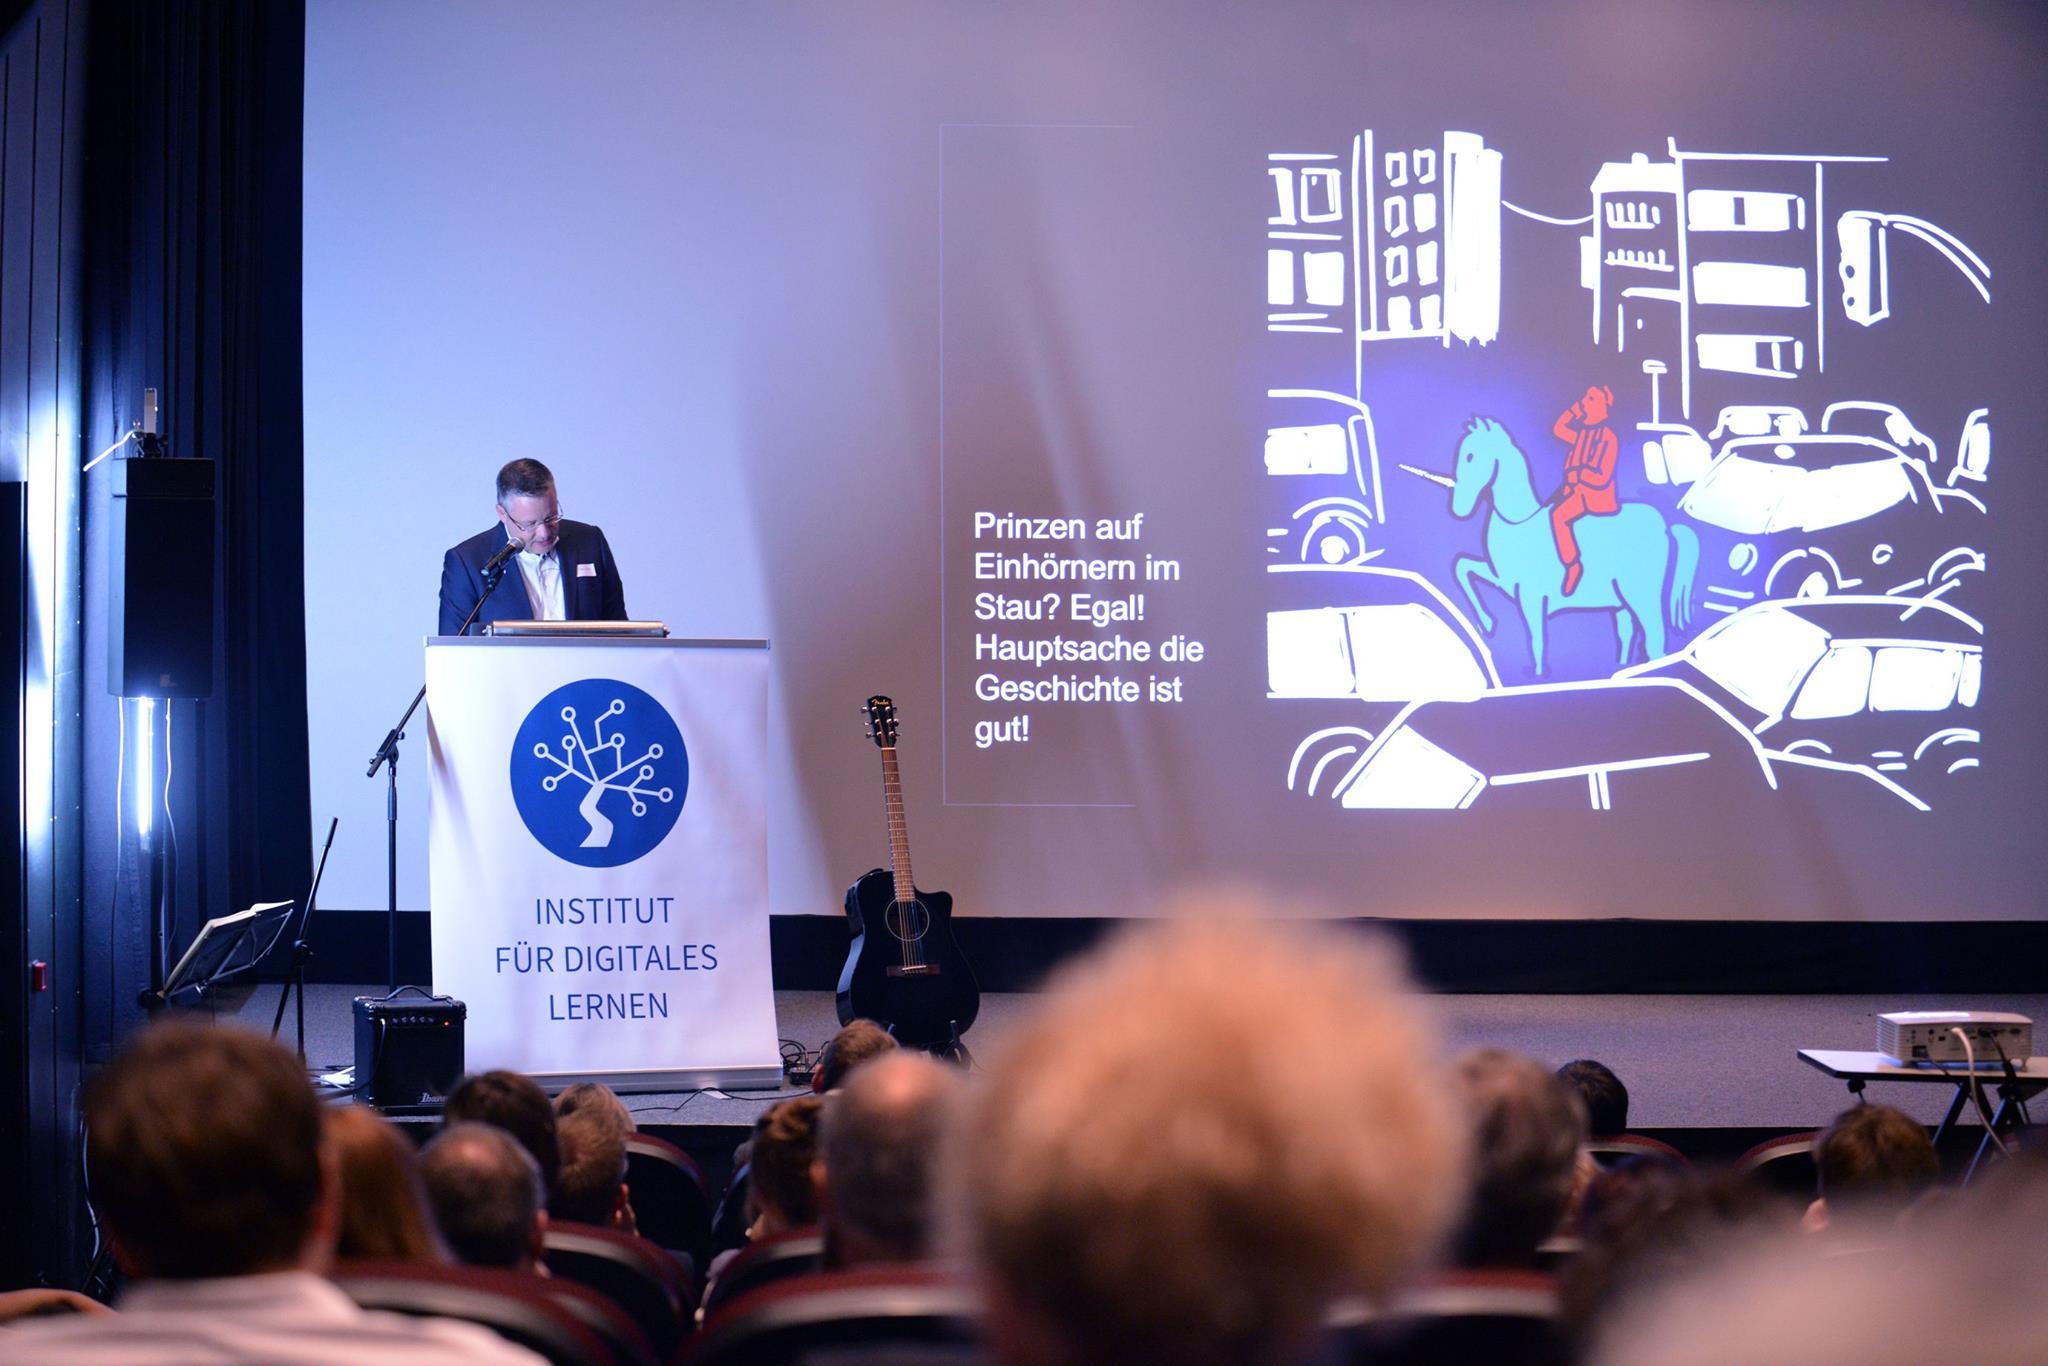 Marcus Ventzke vom Institut für digitales Lernen hält einen Vortrag im Alten Stadttheater in Eichstätt